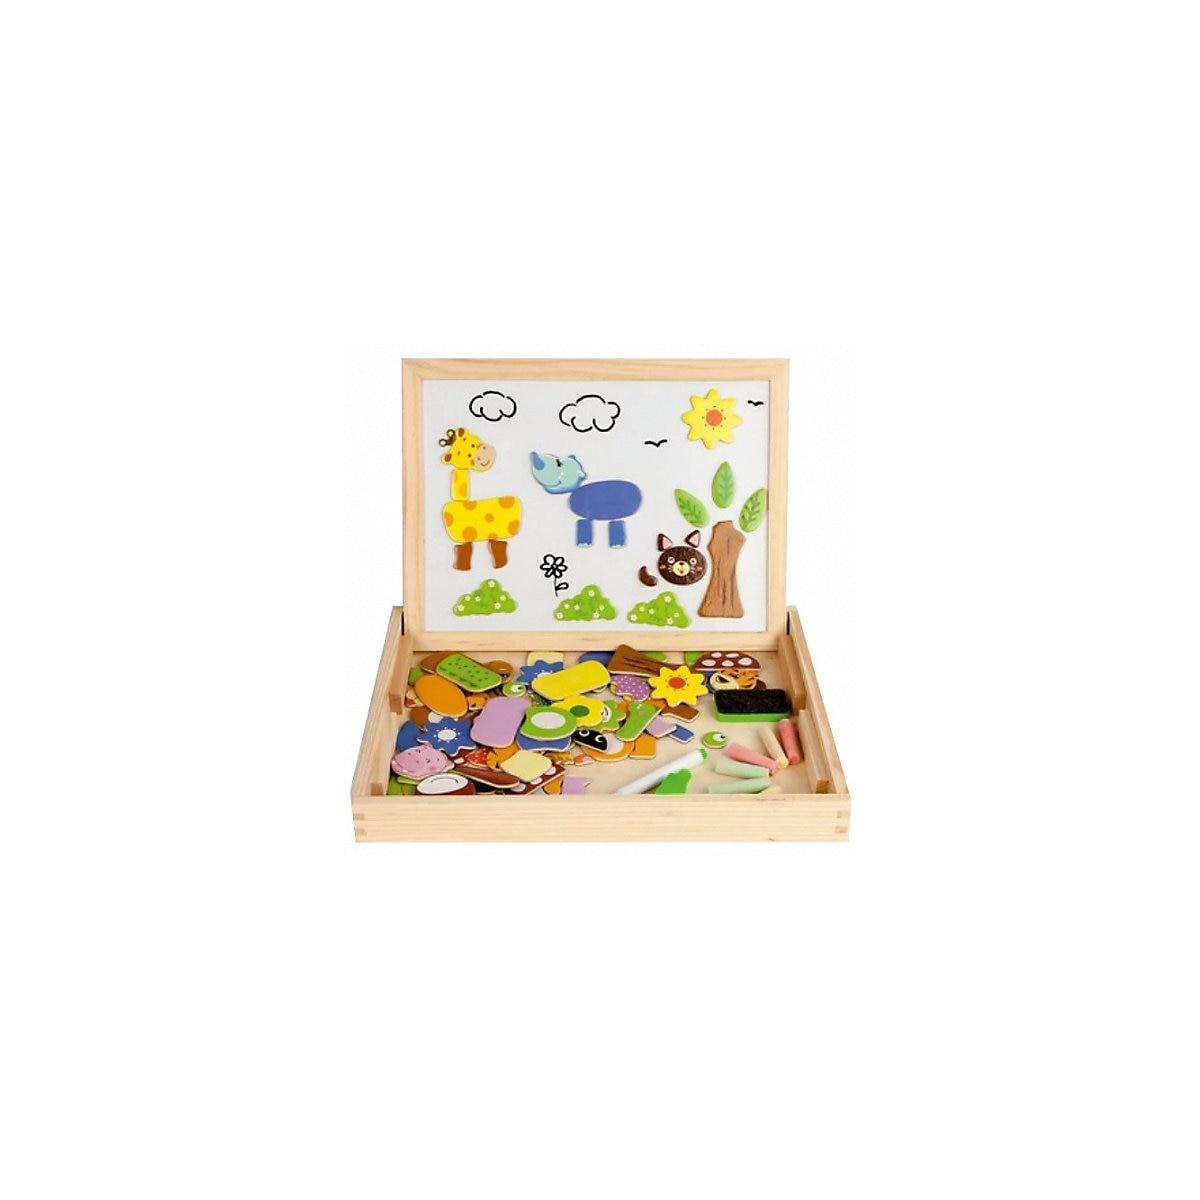 MAPACHA Holz Blöcke 4925605 für jungen und mädchen Pädagogisches spielzeug für kinder Baby Kinder MTpromo - 2